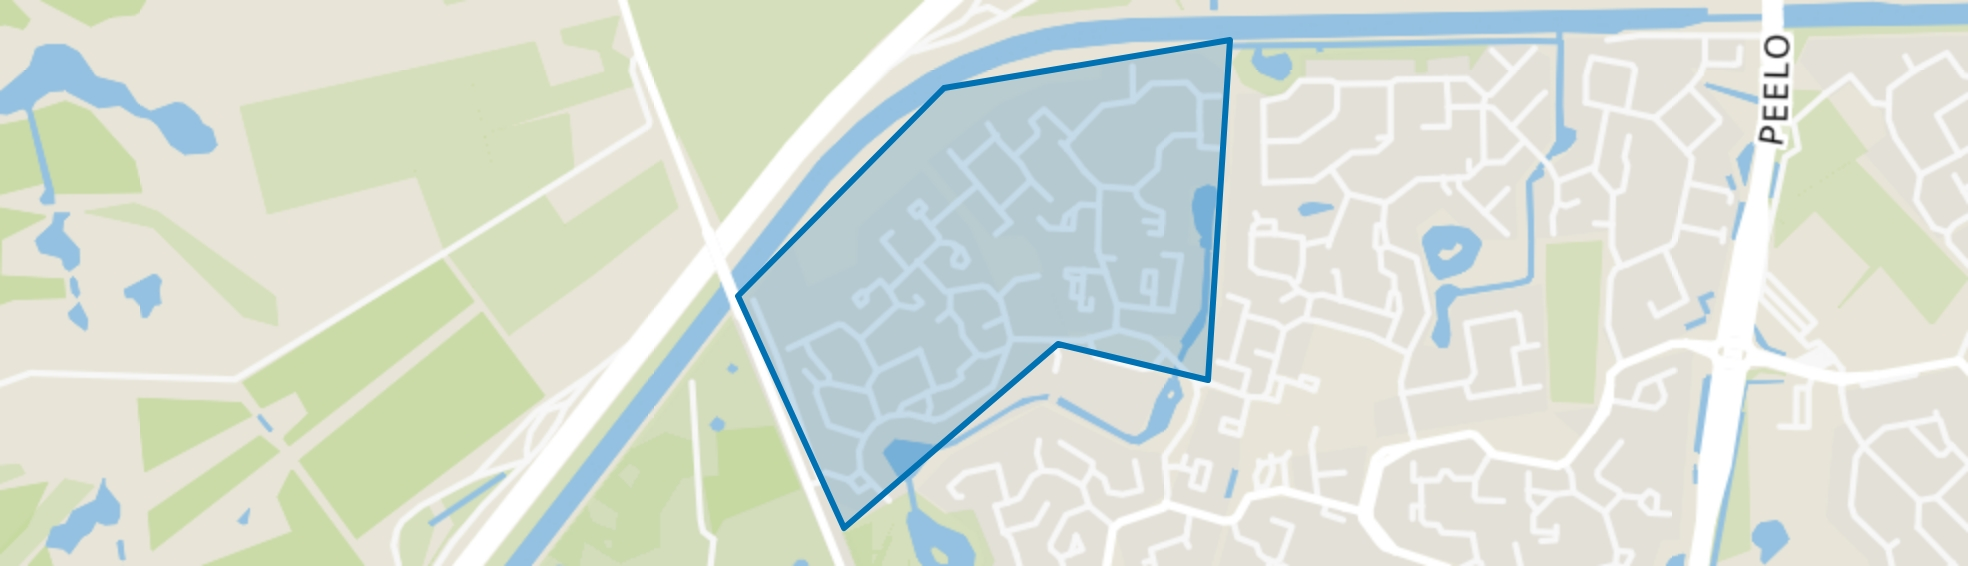 De Velden/De Stukken, Assen map